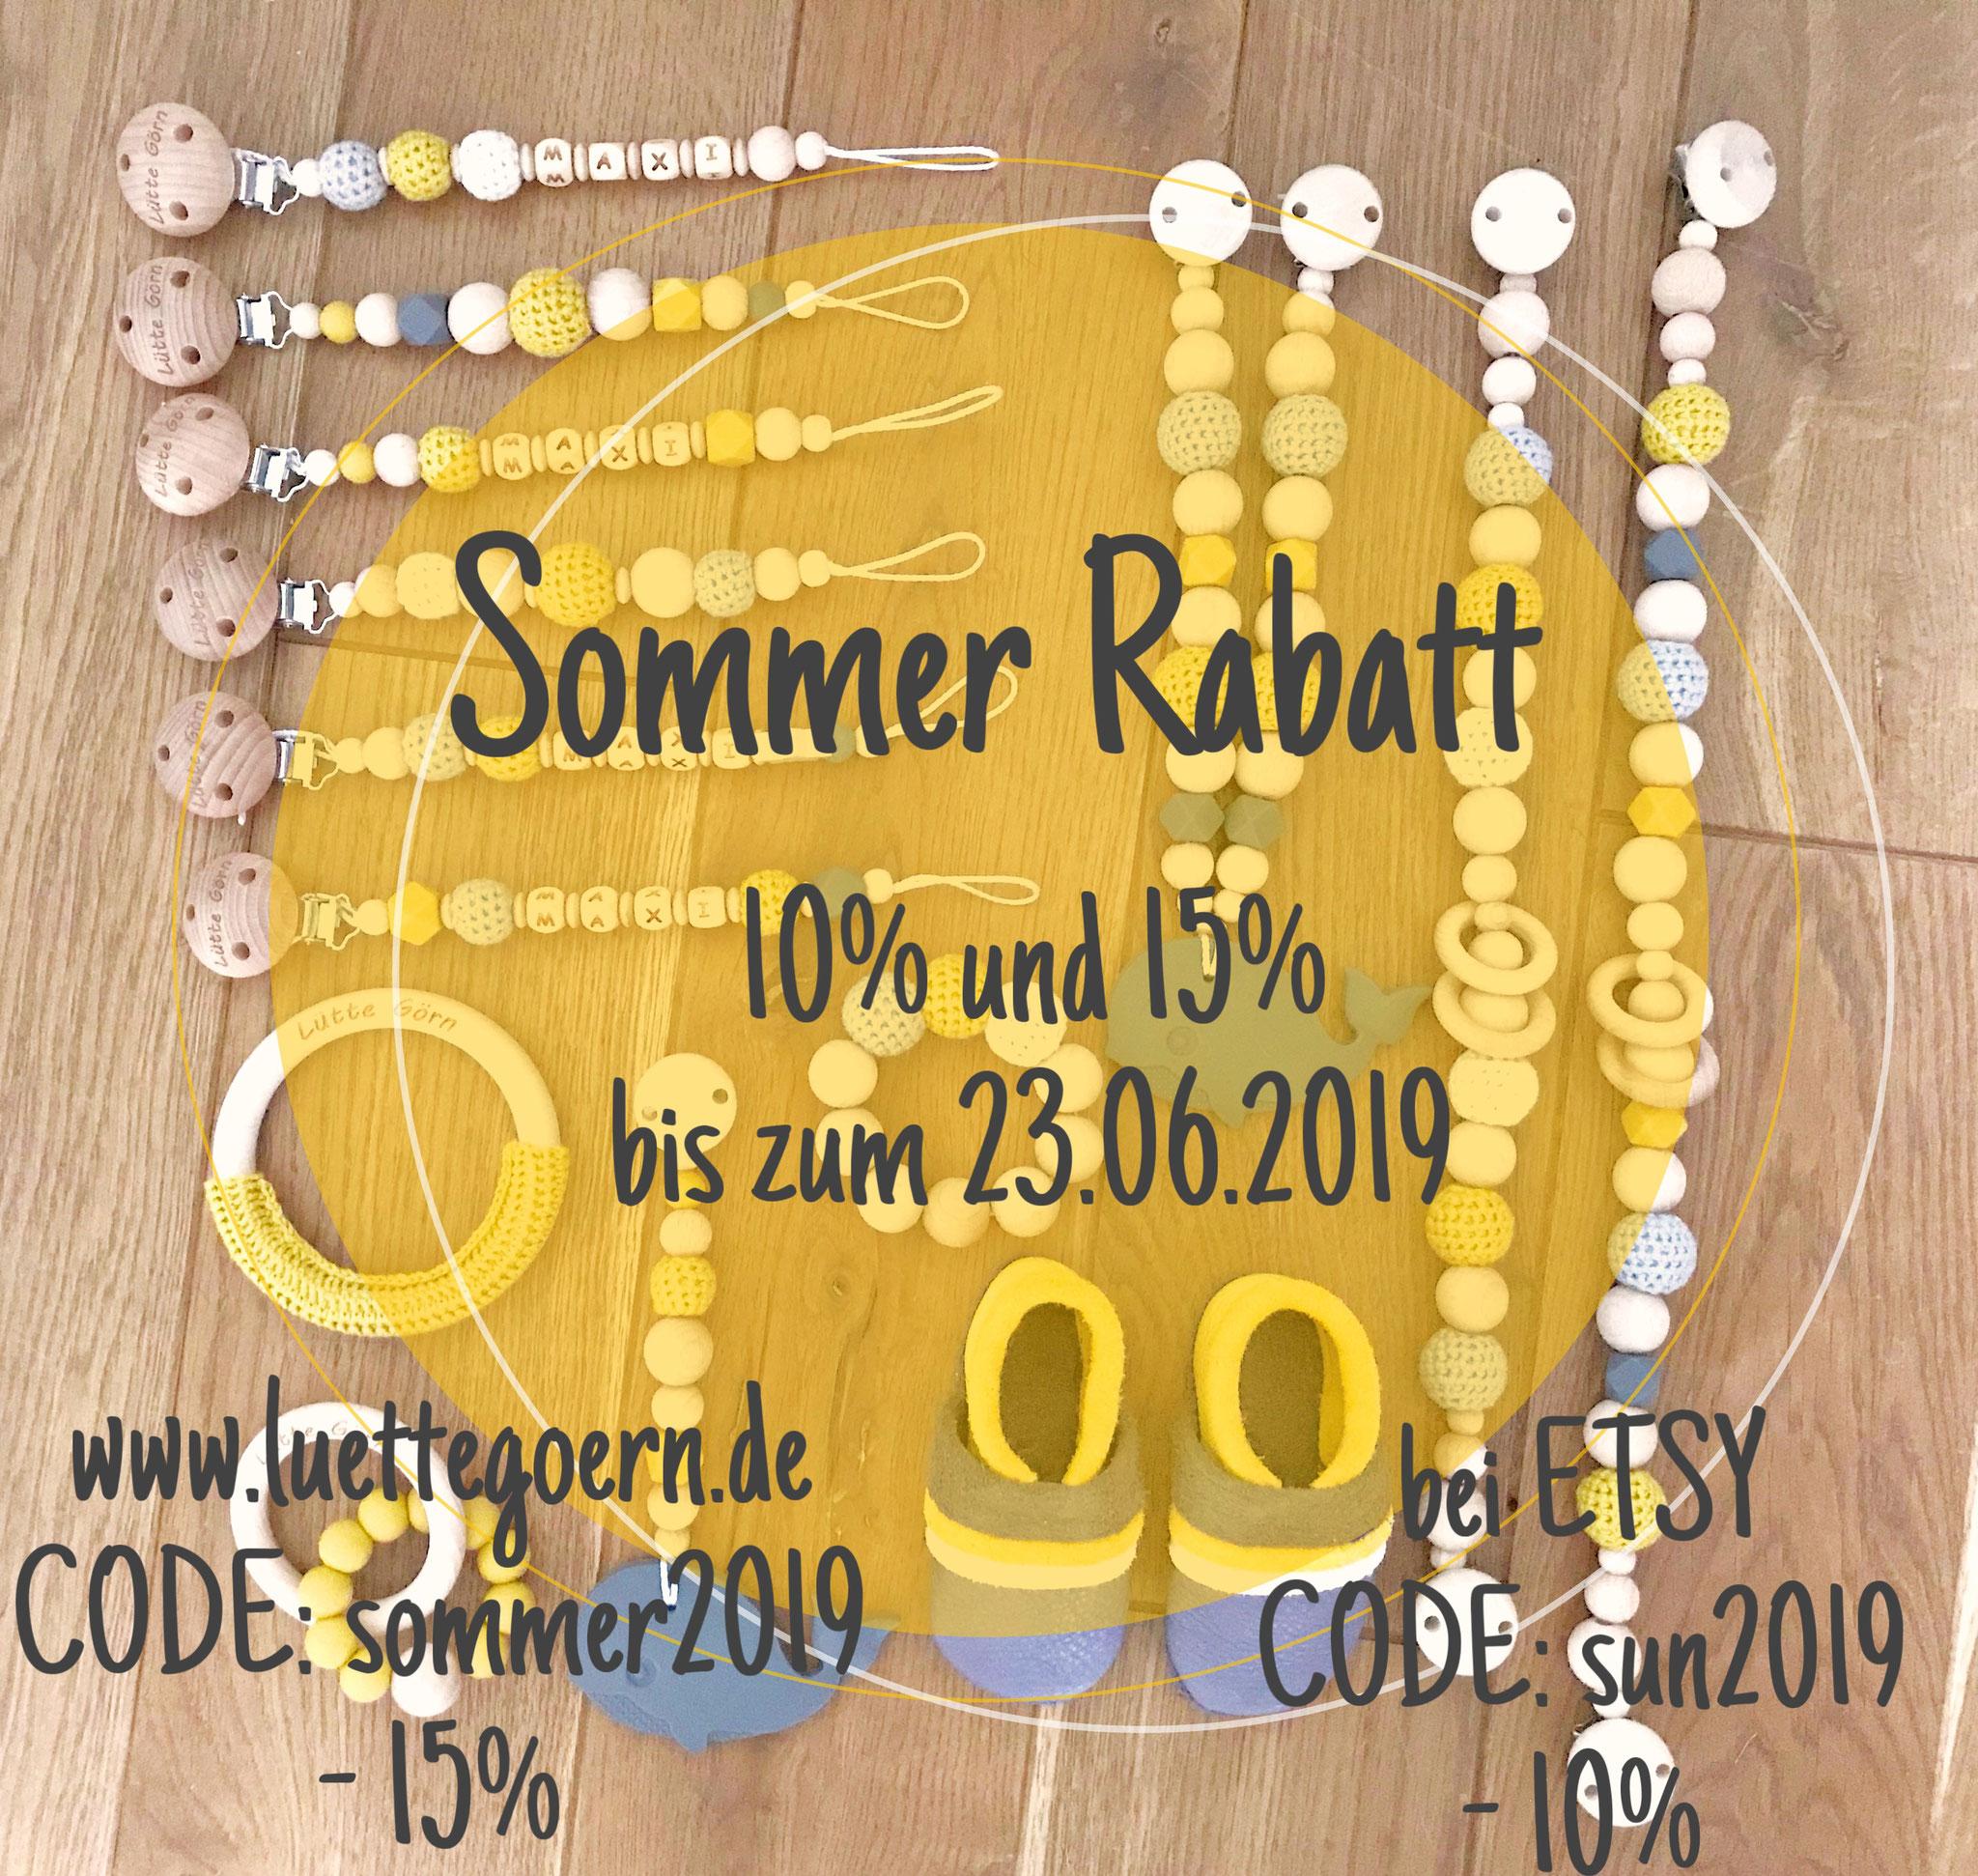 SommerRabatt! - 15% bis zum 23.06.2019